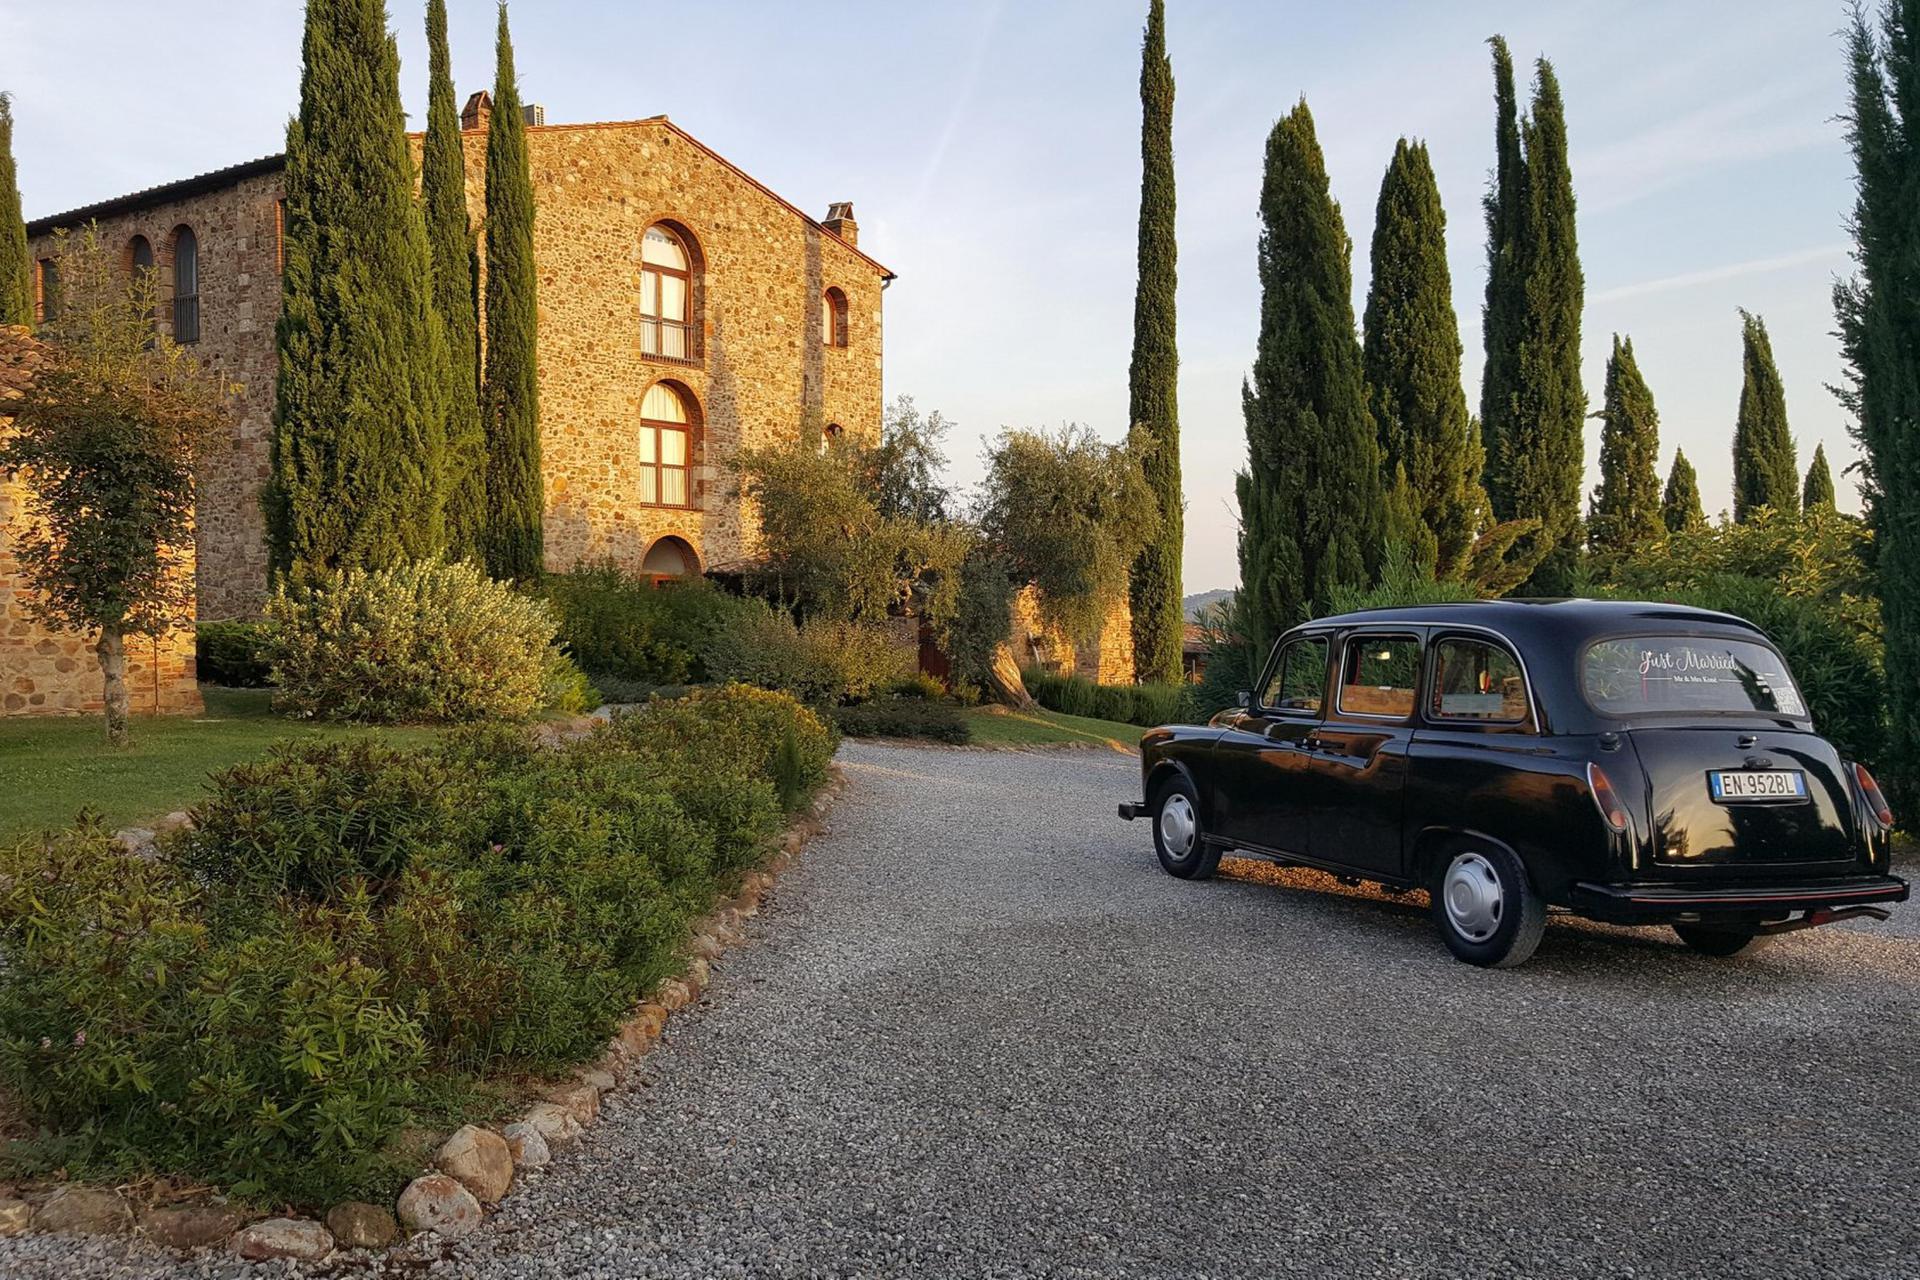 Agriturismo Sizilien Agriturismo Sizilien, nicht weit entfernt von den Stränden